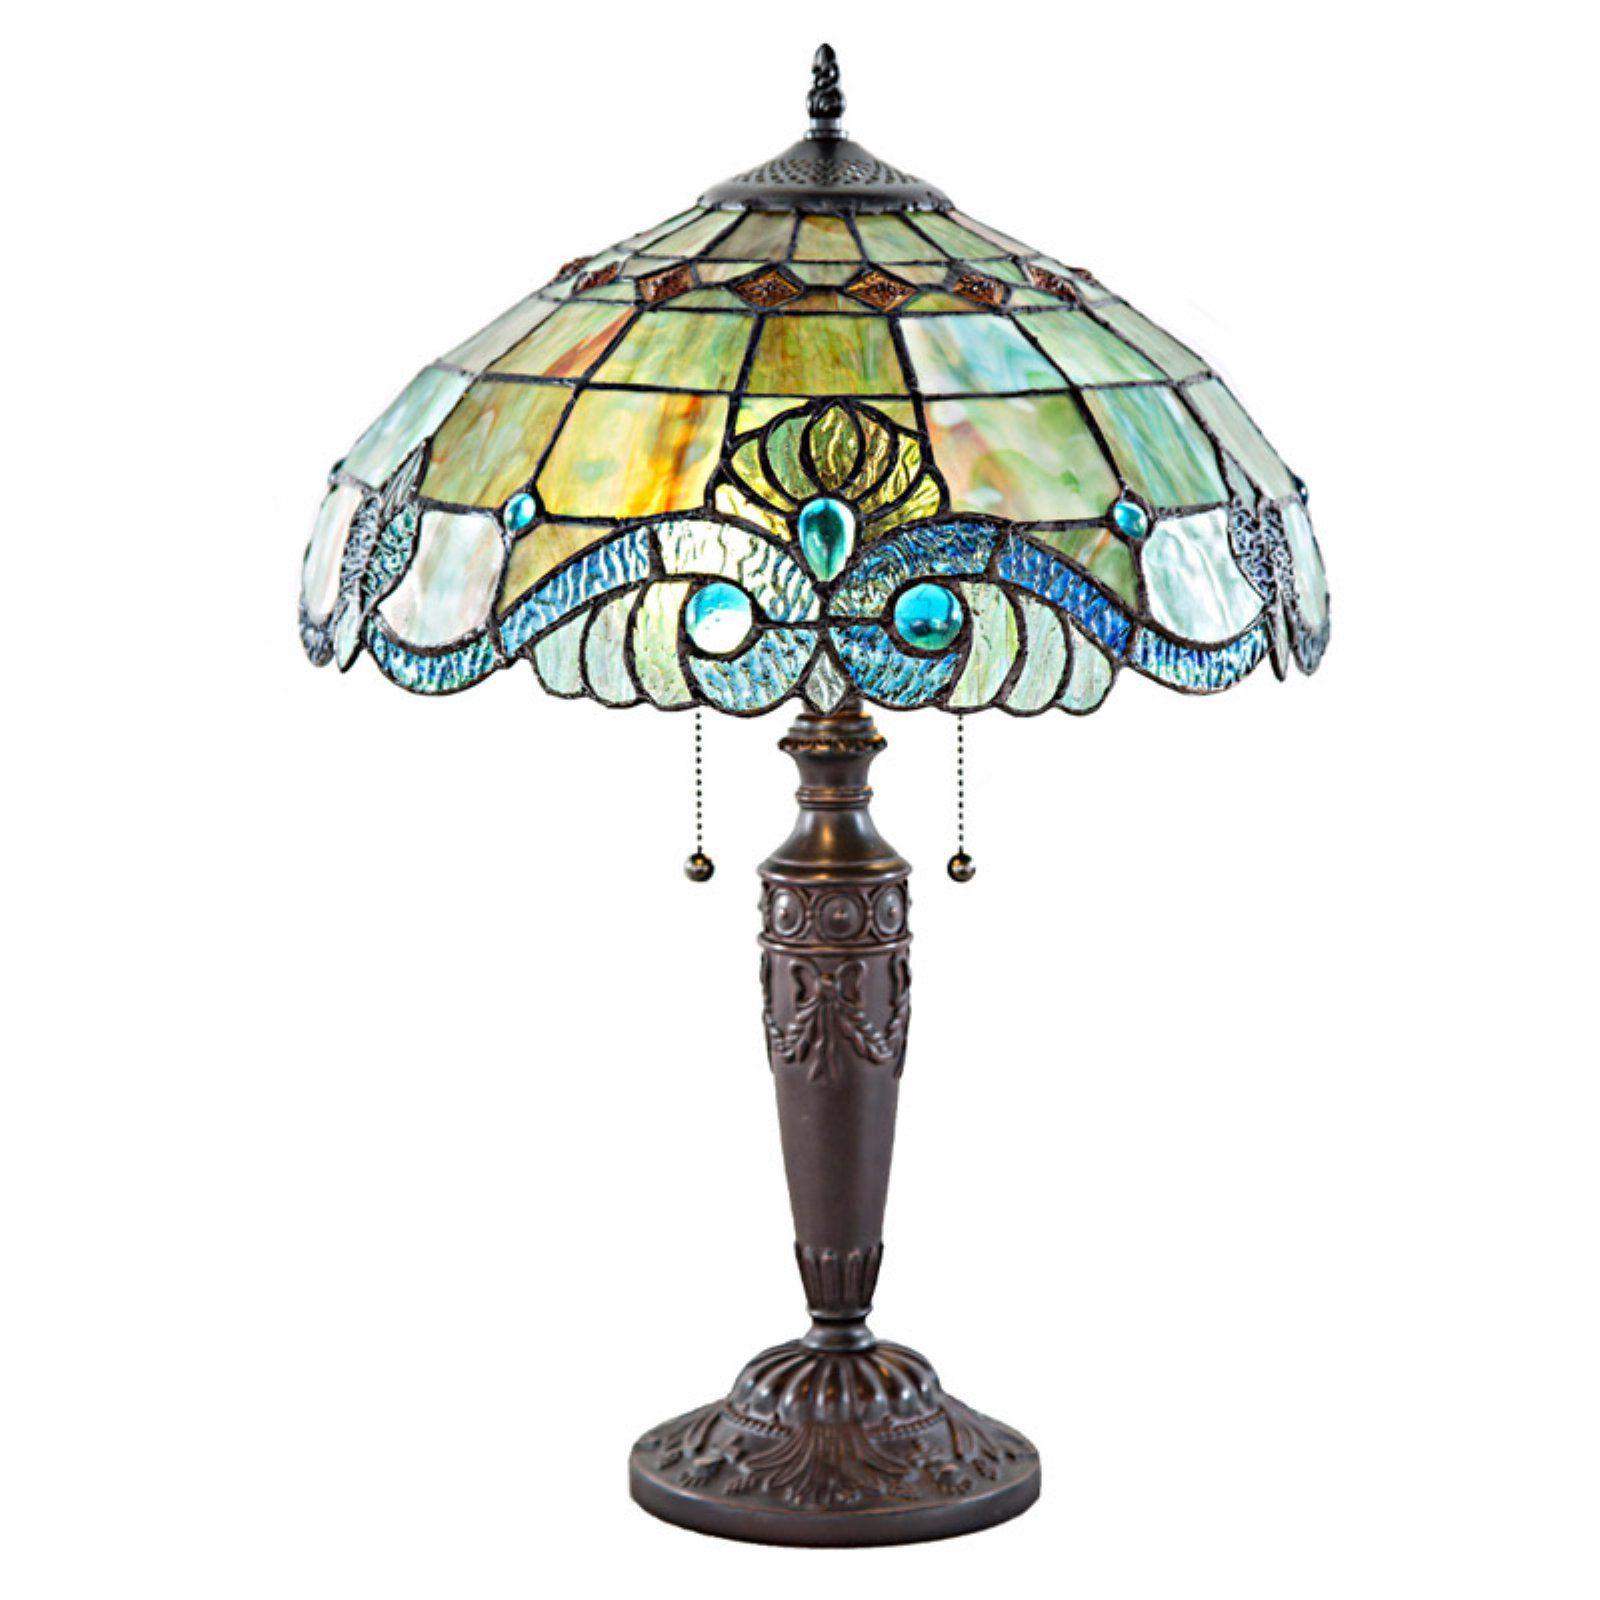 River Of Goods Tiffany Vivaldi Table Lamp In 2020 Stained Glass Table Lamps Stained Glass Lamps Green Table Lamp